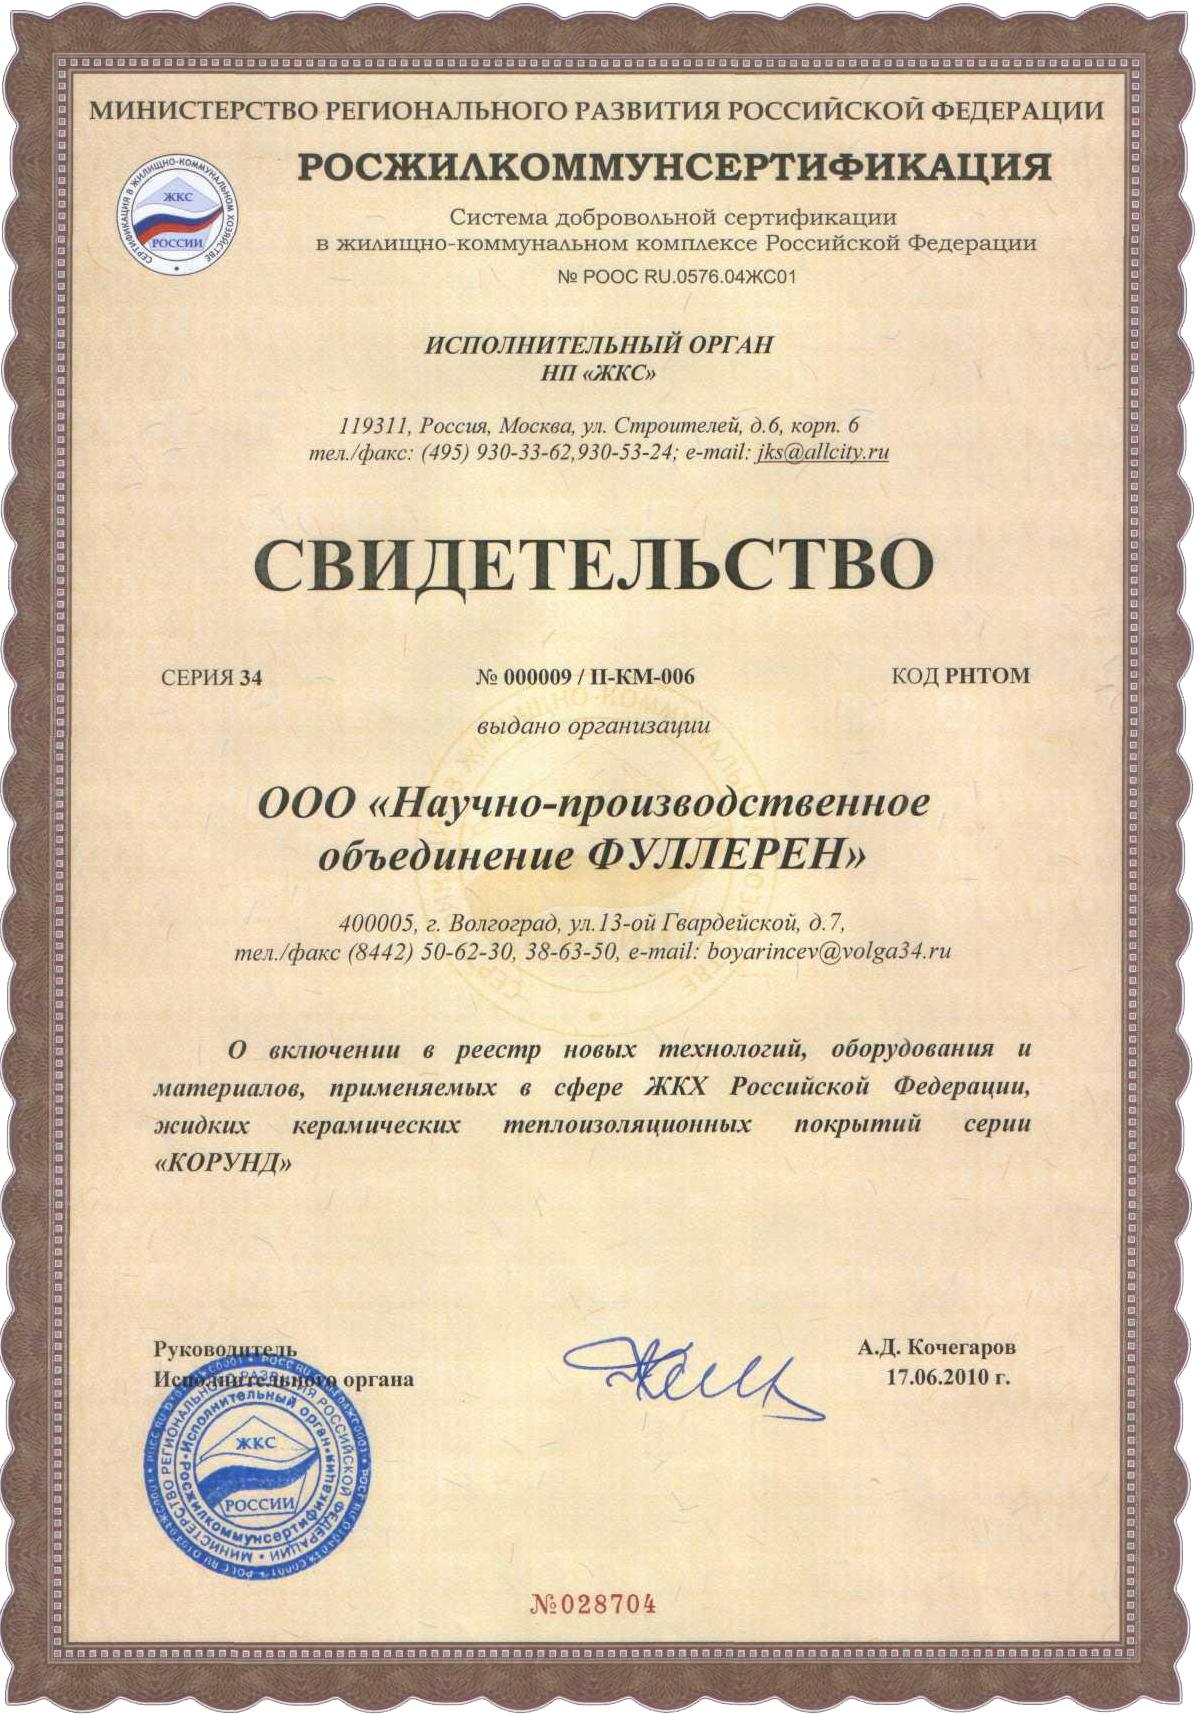 Росжилкоммунсертификация», сайт l2 база знаний gracia final сертификация